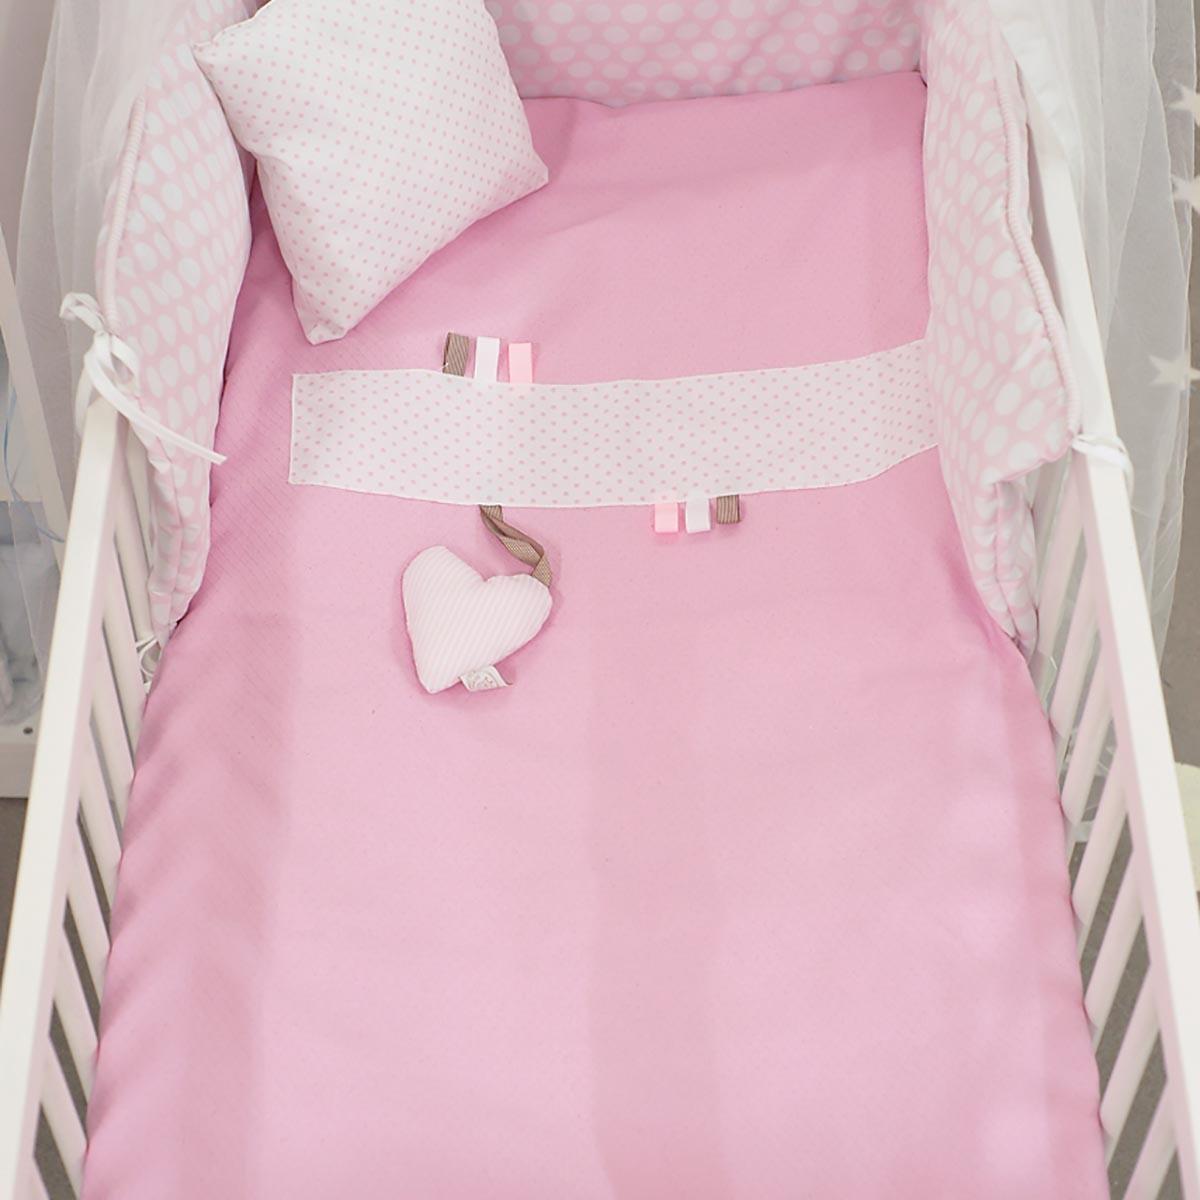 Κουβέρτα Πικέ Κούνιας Ninna Nanna Ροζ Πουά home   βρεφικά   κουβέρτες βρεφικές   κουβέρτες καλοκαιρινές